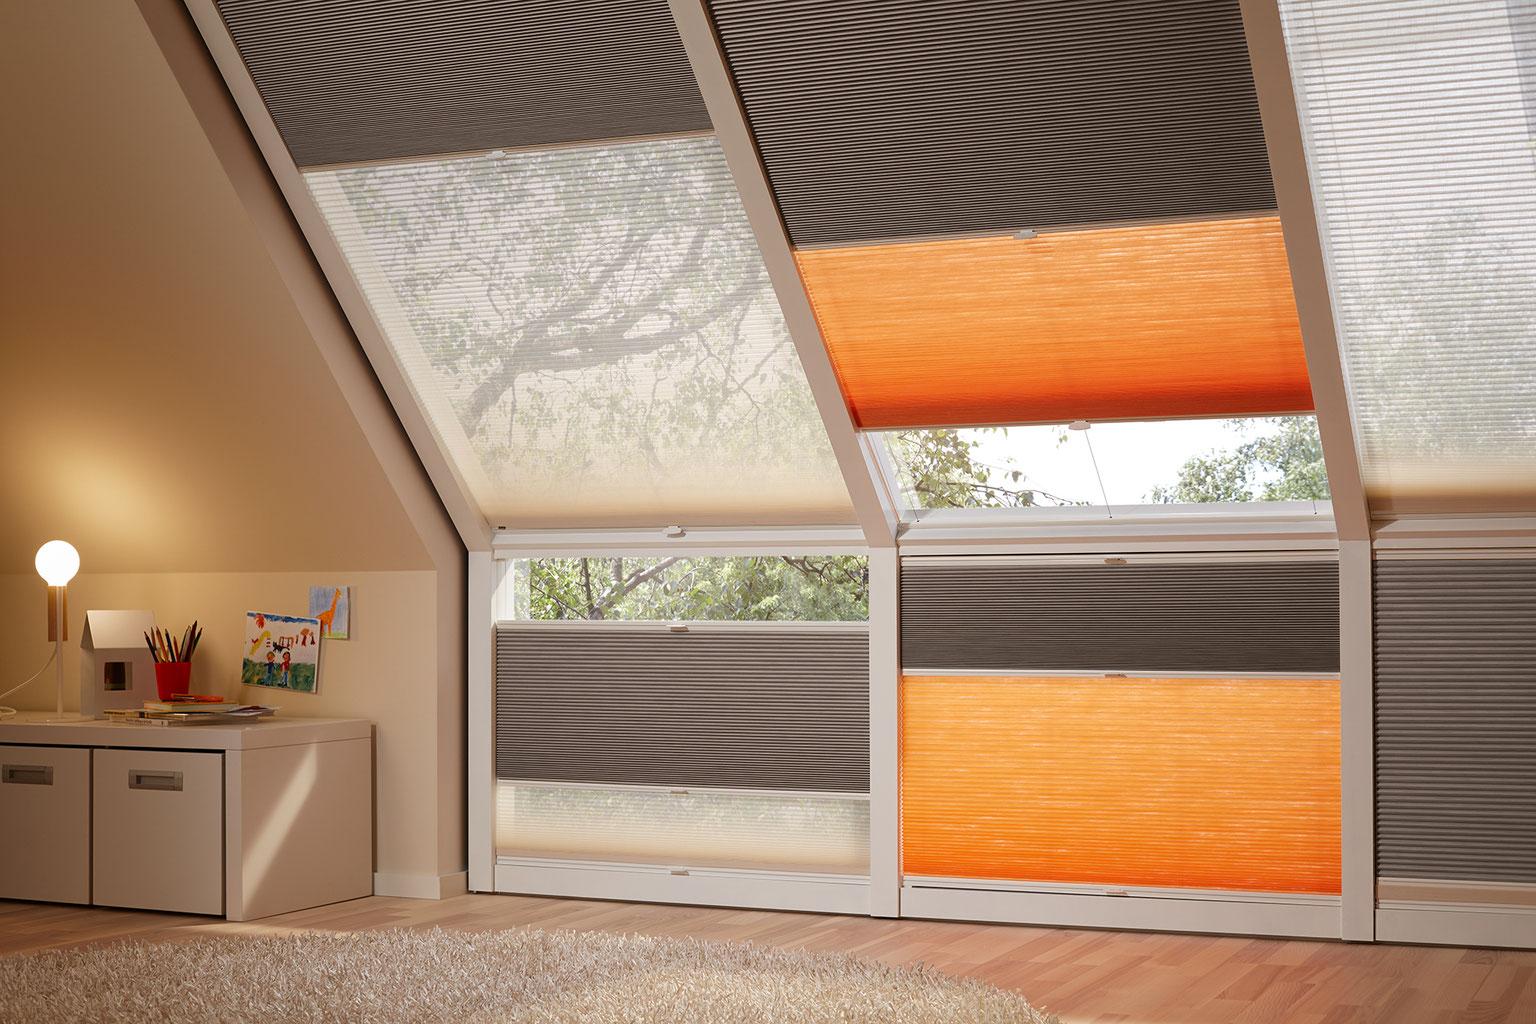 Full Size of Plissee Kinderzimmer Plissees Dachfenster Verdunkelung Lamellen Junker Regale Regal Weiß Sofa Fenster Kinderzimmer Plissee Kinderzimmer